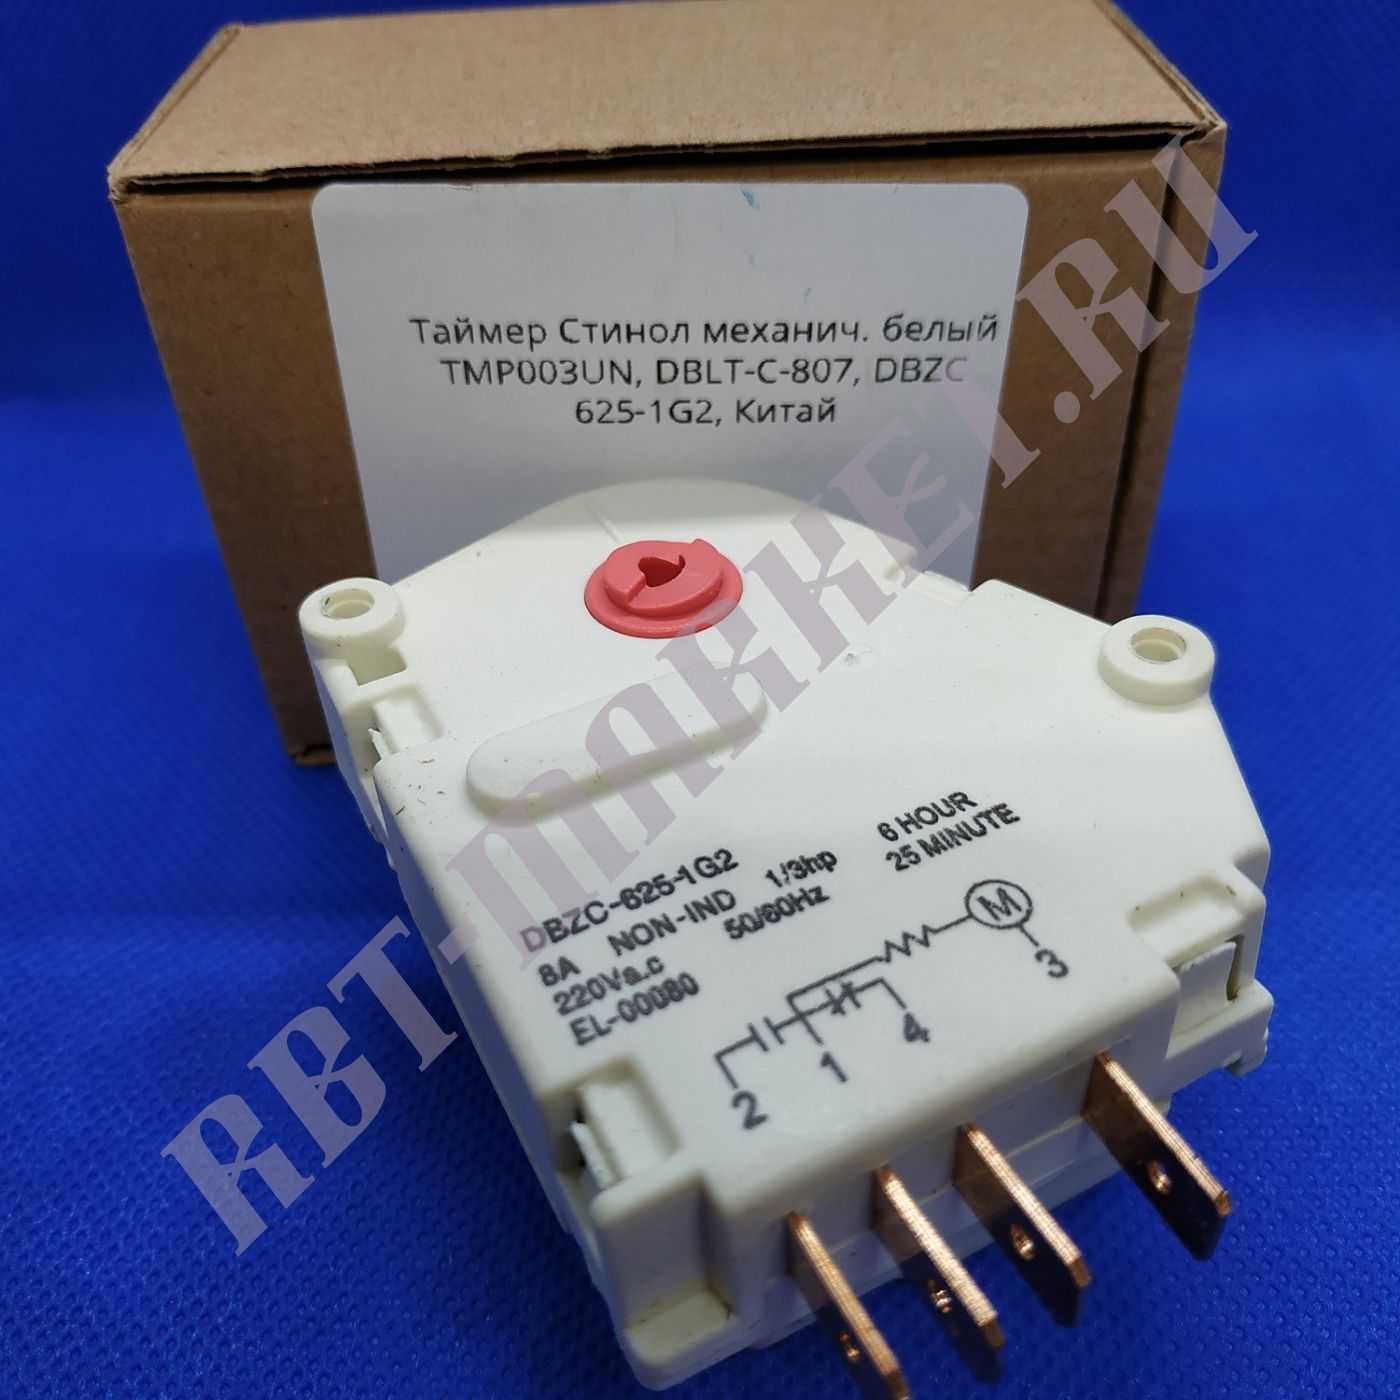 Таймер для холодильника механический TMP003UN